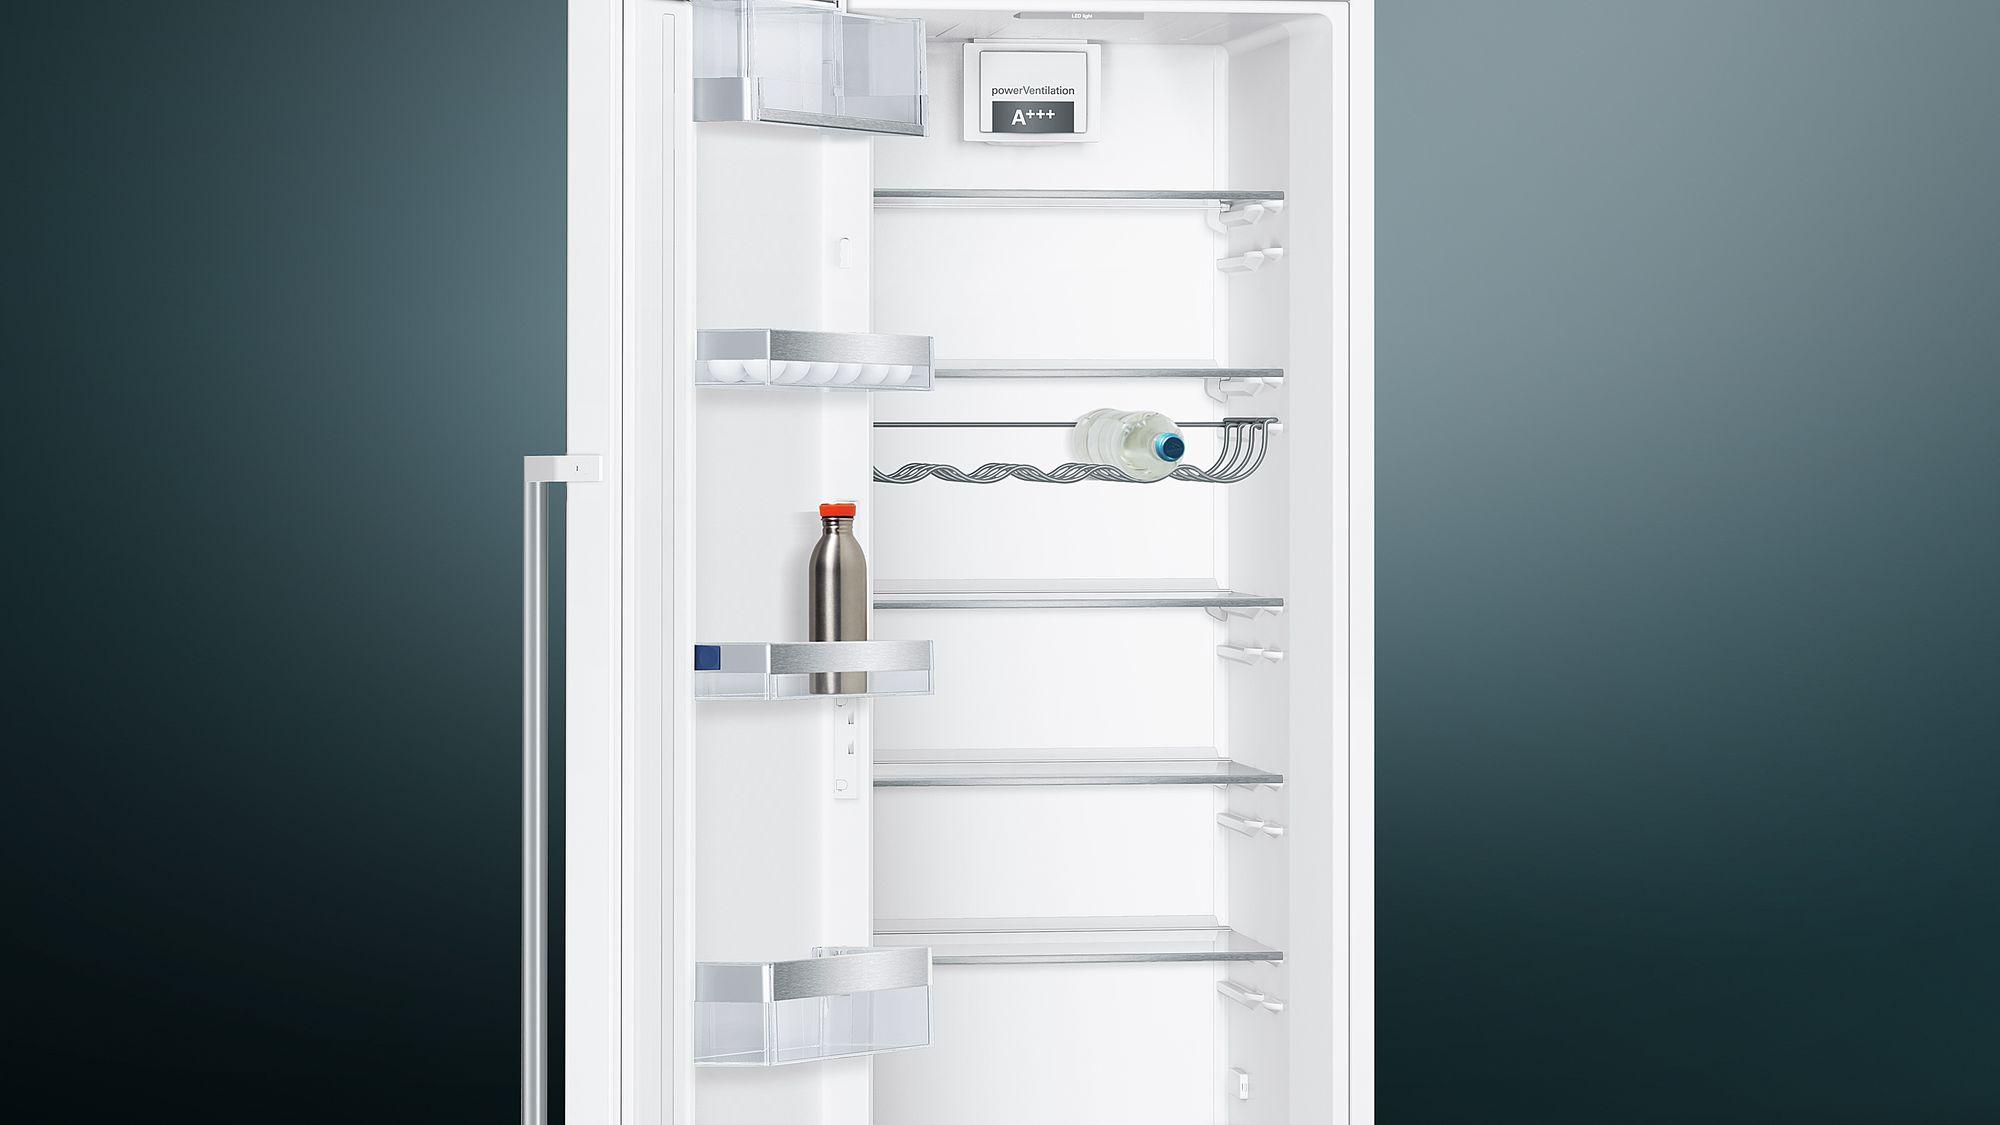 Siemens Kühlschrank Iq500 : Siemens stand kühlschrank iq500 weiß ks36vaw4p psi24.com